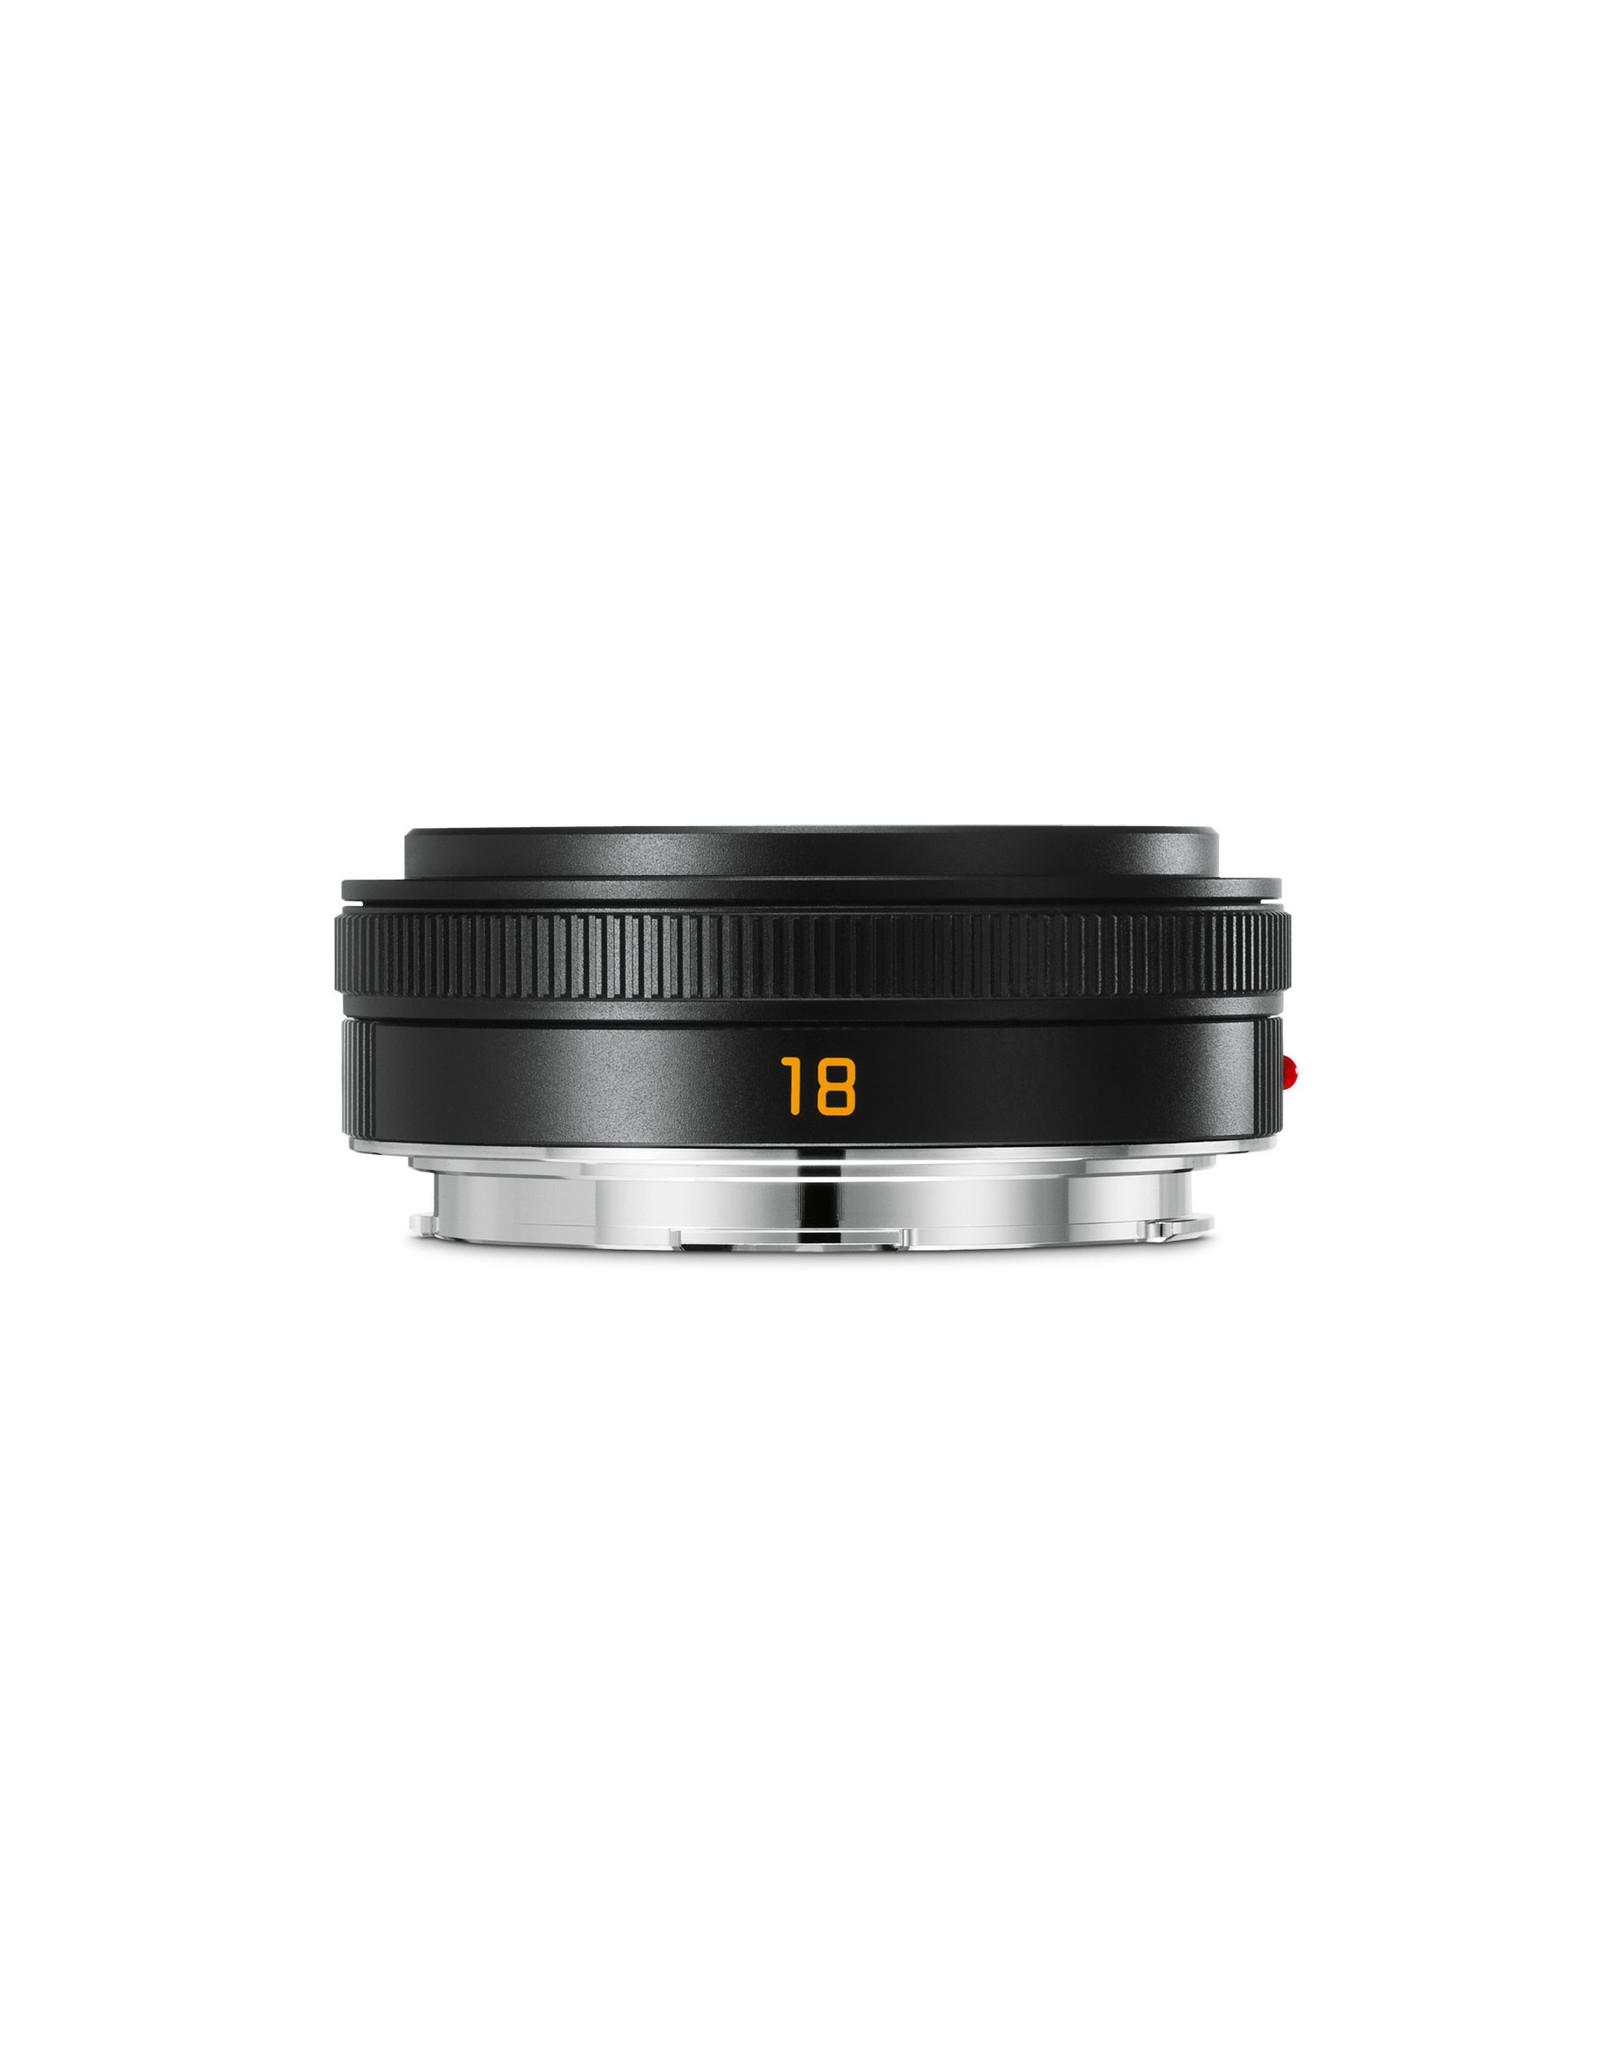 Leica Leica 18mm f2.8 Elmarit-TL ASPH Black Anodized  110-88